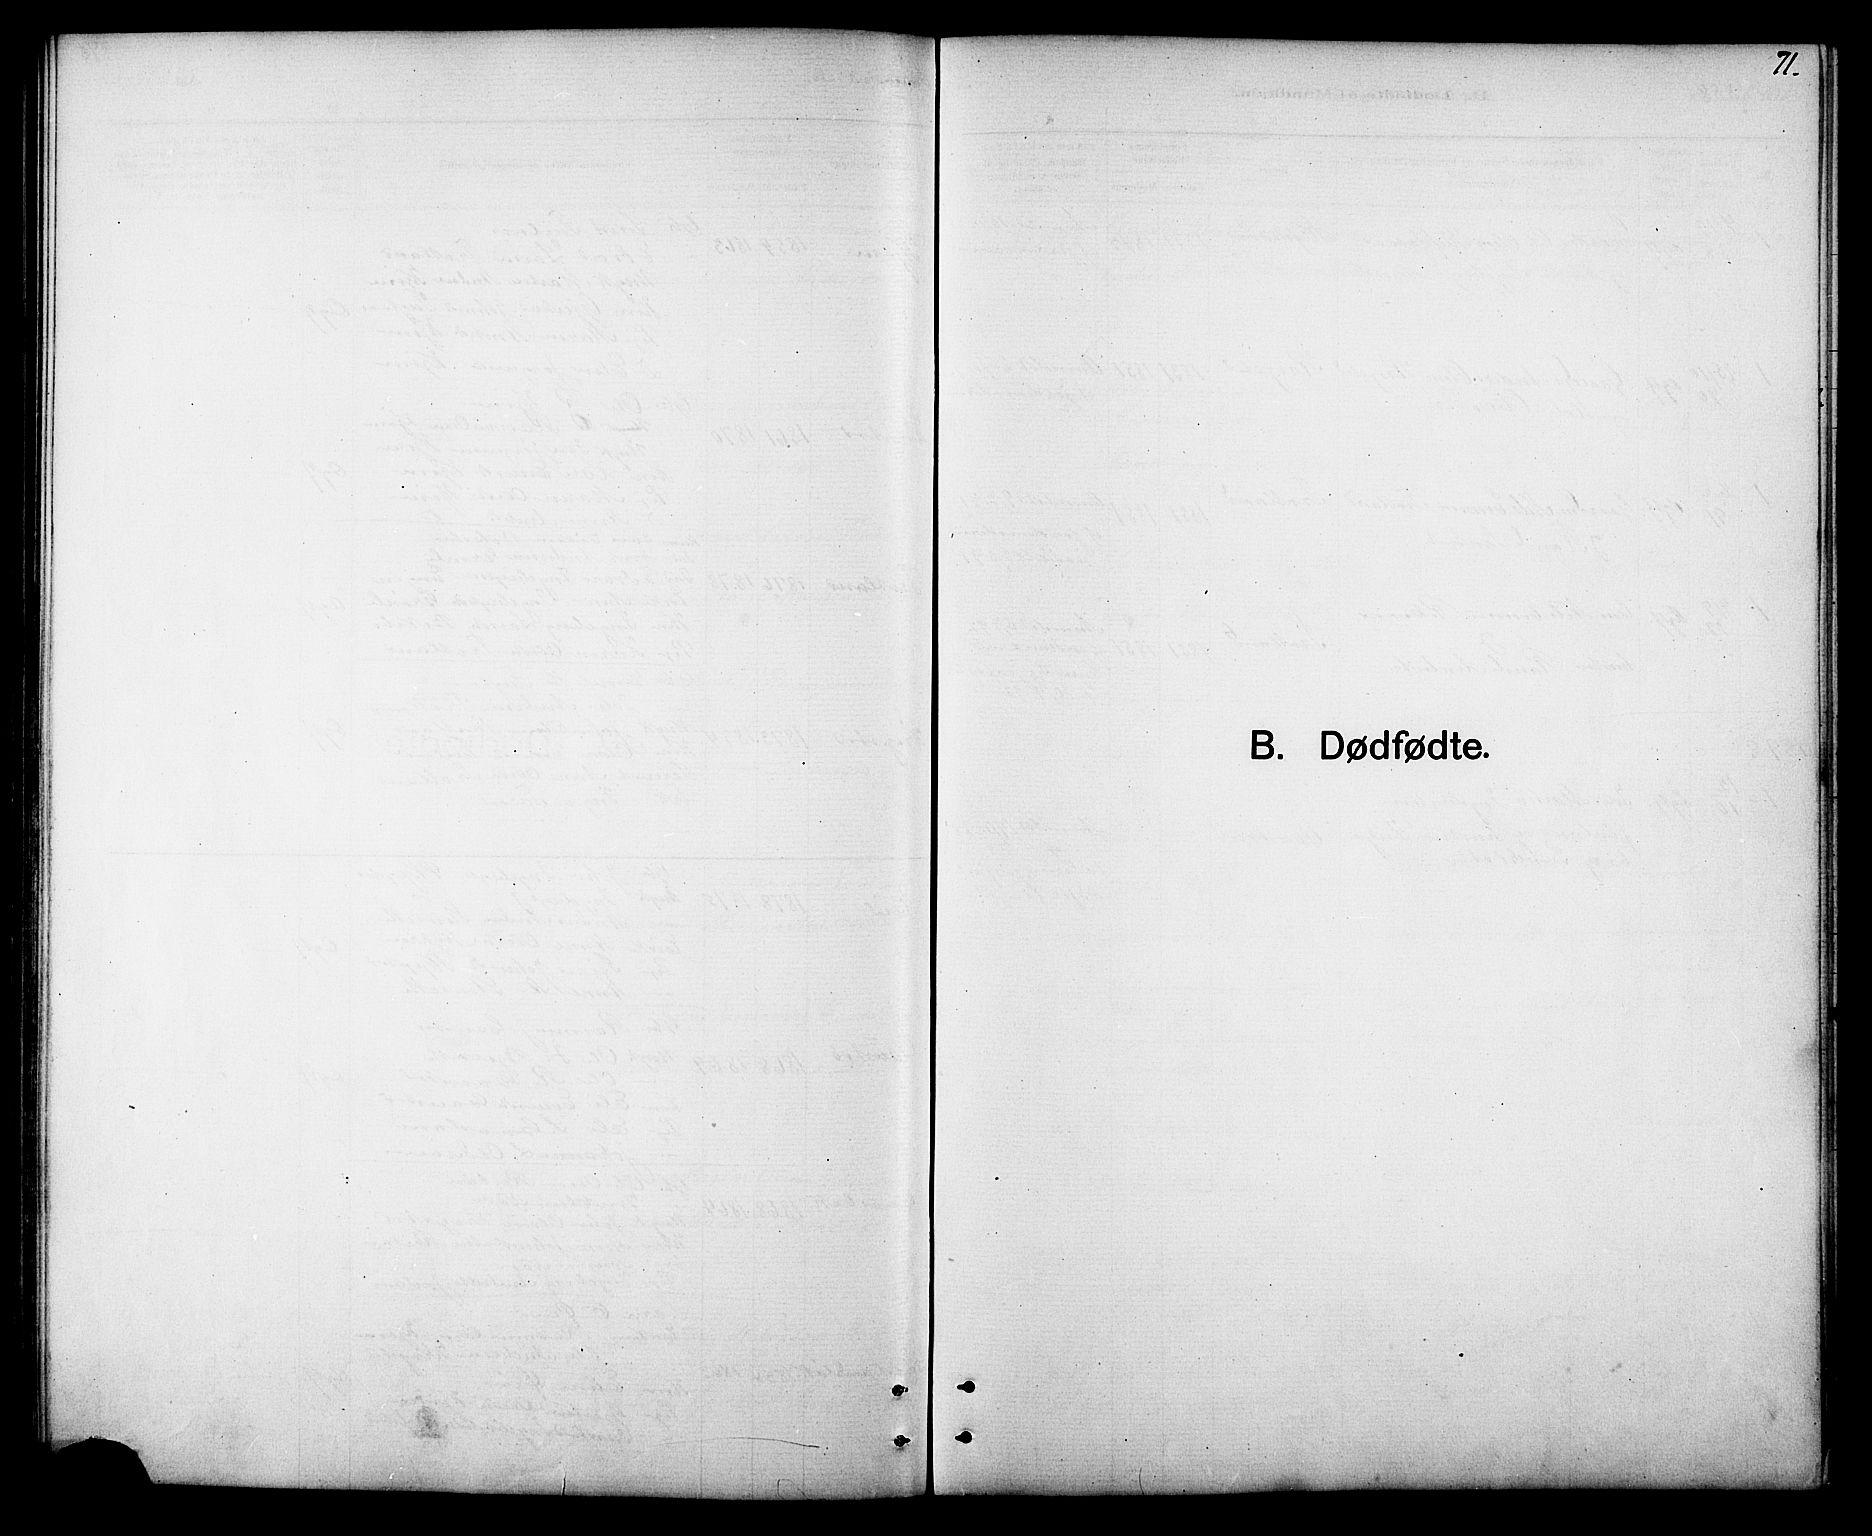 SAT, Ministerialprotokoller, klokkerbøker og fødselsregistre - Sør-Trøndelag, 694/L1132: Klokkerbok nr. 694C04, 1887-1914, s. 71